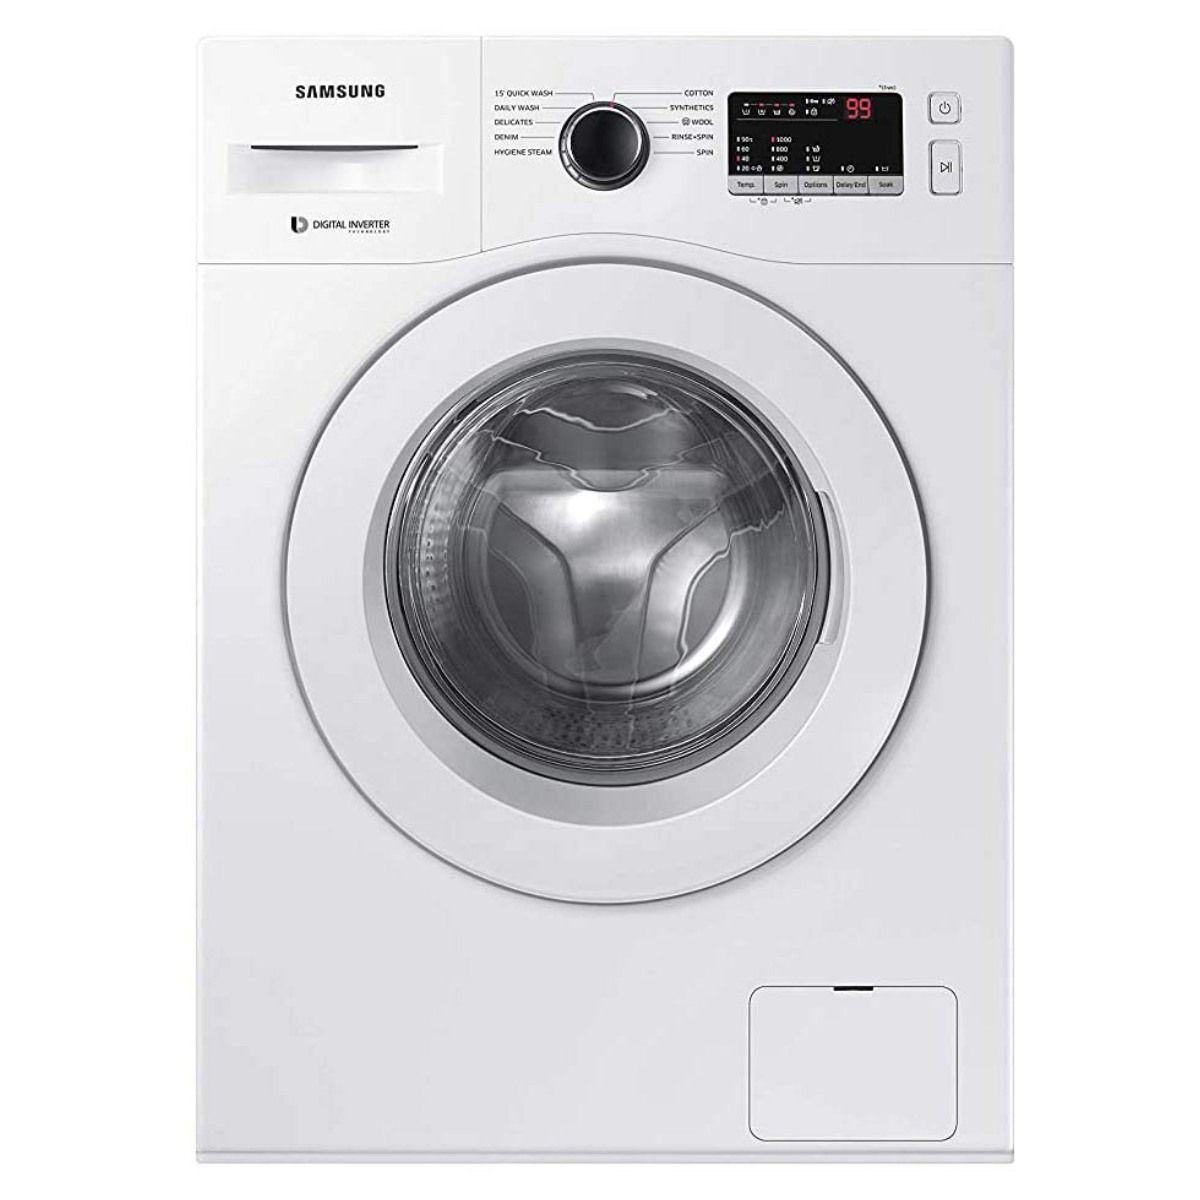 சேம்சங் 6.5 Kg Fully-Automatic Front Loading Washing Machine (WW65R20GLSW/TL)